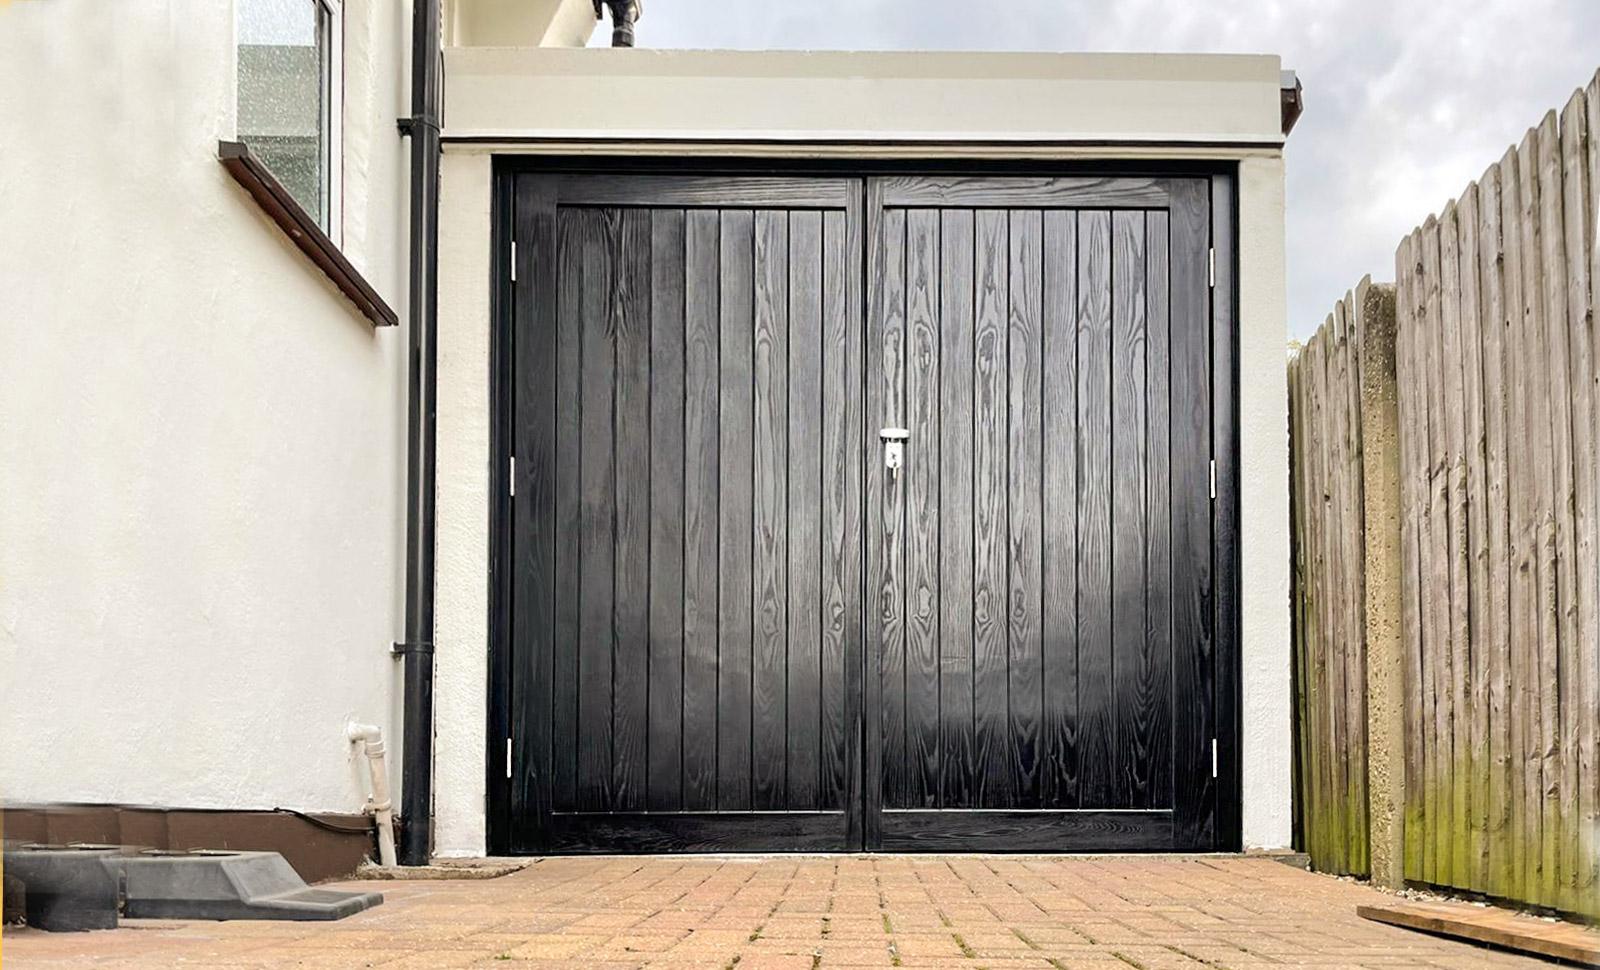 Wessex Frensham, GRP Side Hinged Garage Door in Black Woodgrain